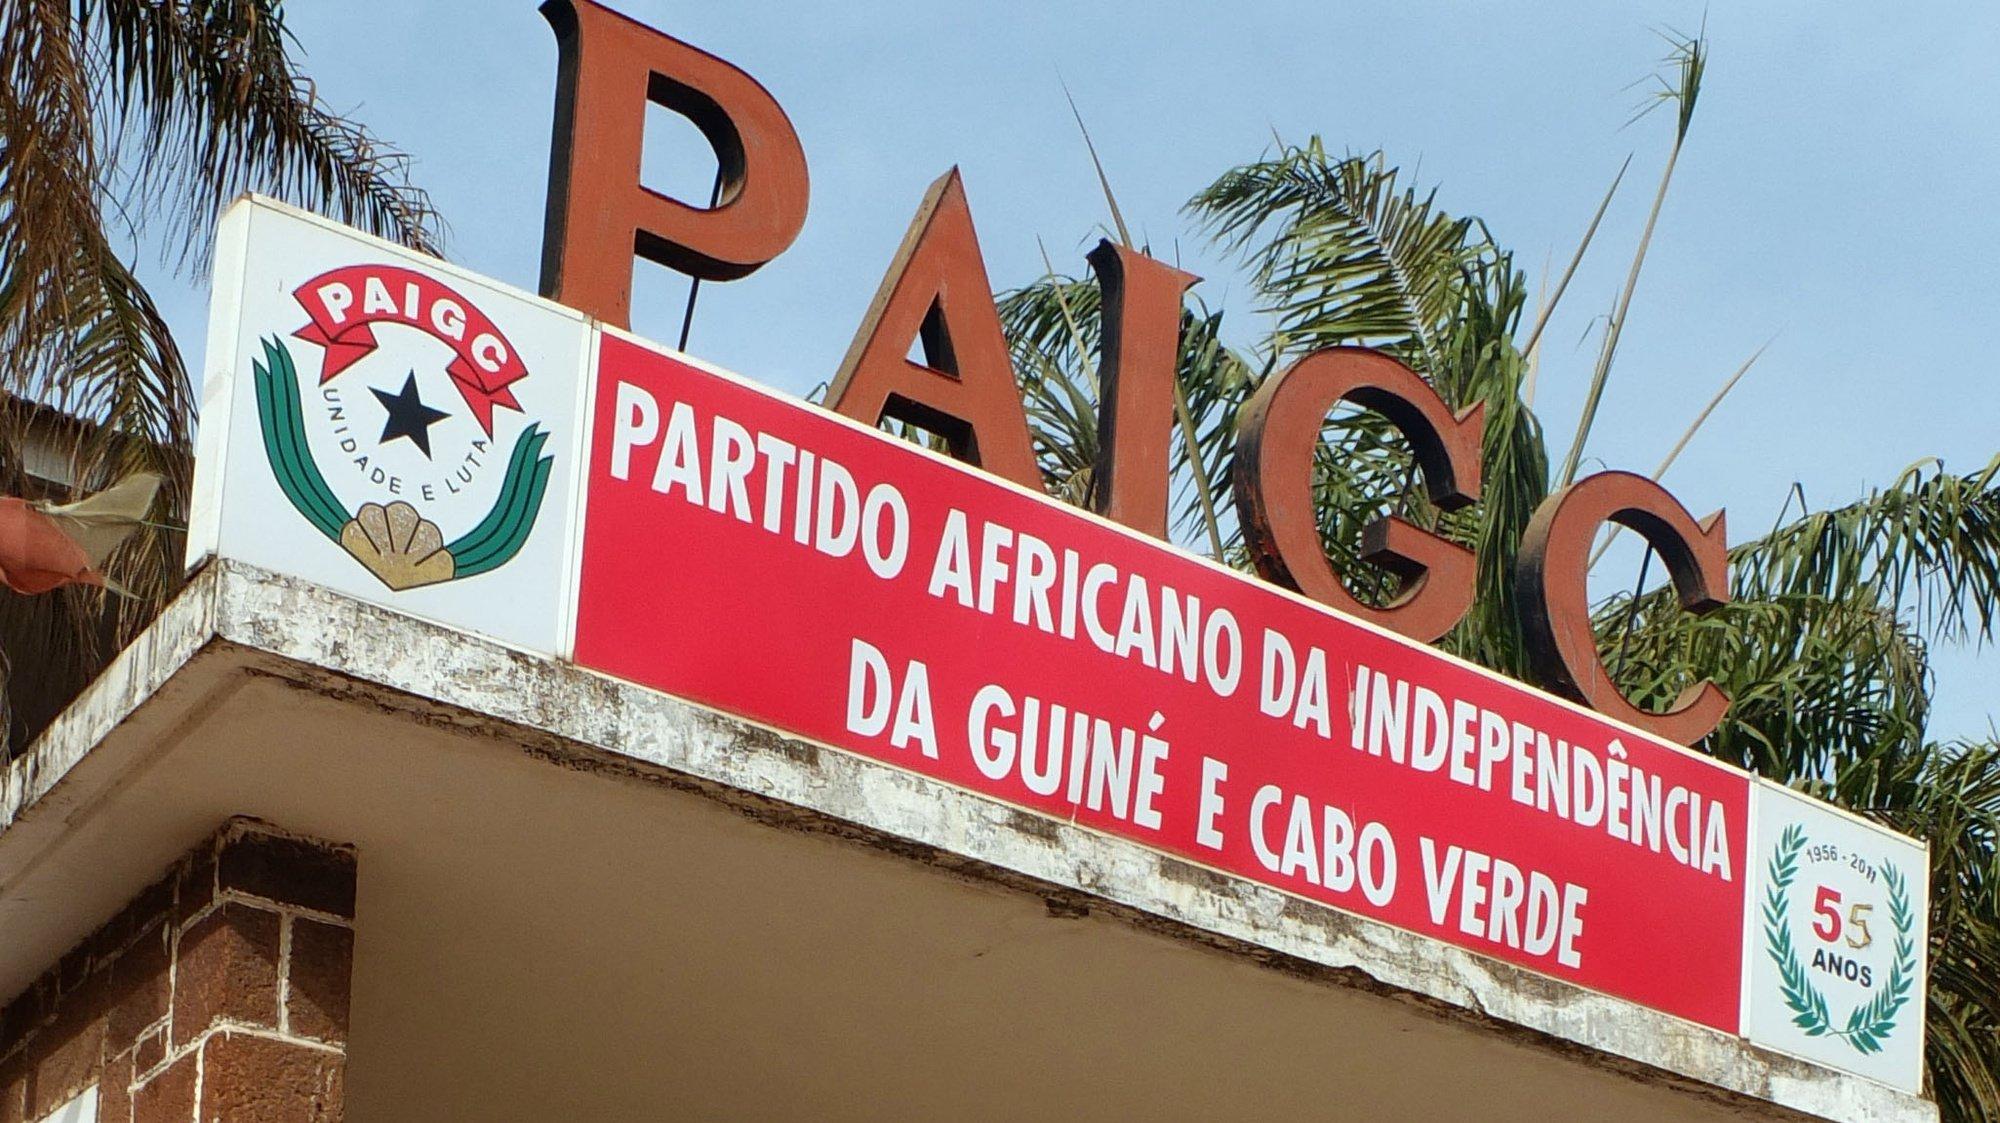 Sede do PAIGC (Partido Africano para a Independência da Guiné e Cabo Verde), Bissau, Guiné-Bissau, 12 de junho de 2015. LUÍS FONSECA/LUSA